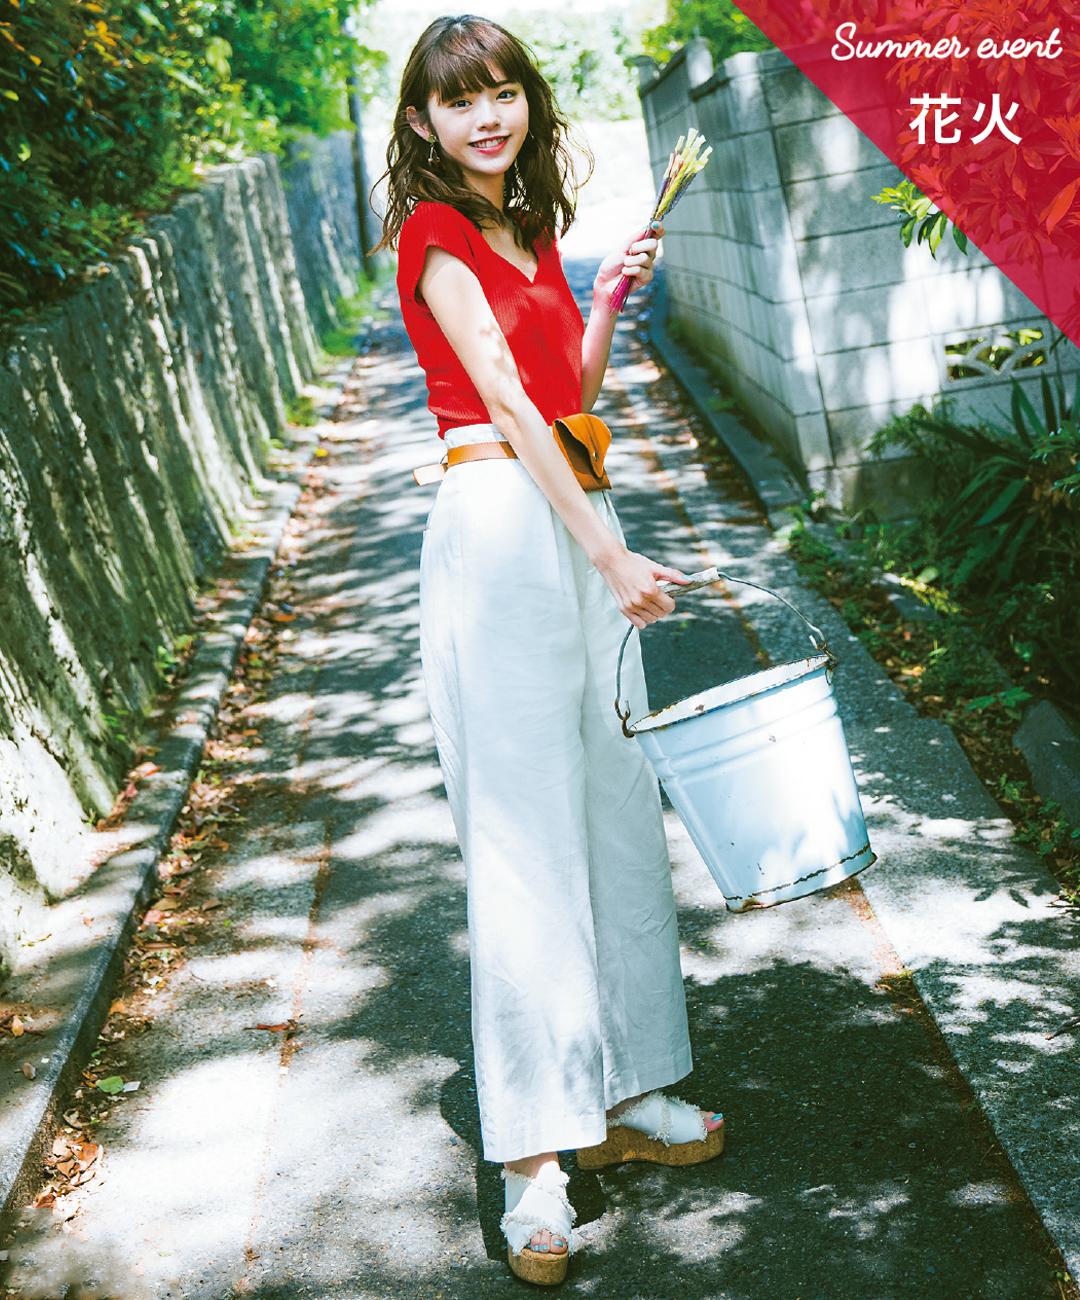 【夏のパンツコーデ】鈴木優華の、リネンパンツ×ちょこっと赤のメリハリデートコーデ♡